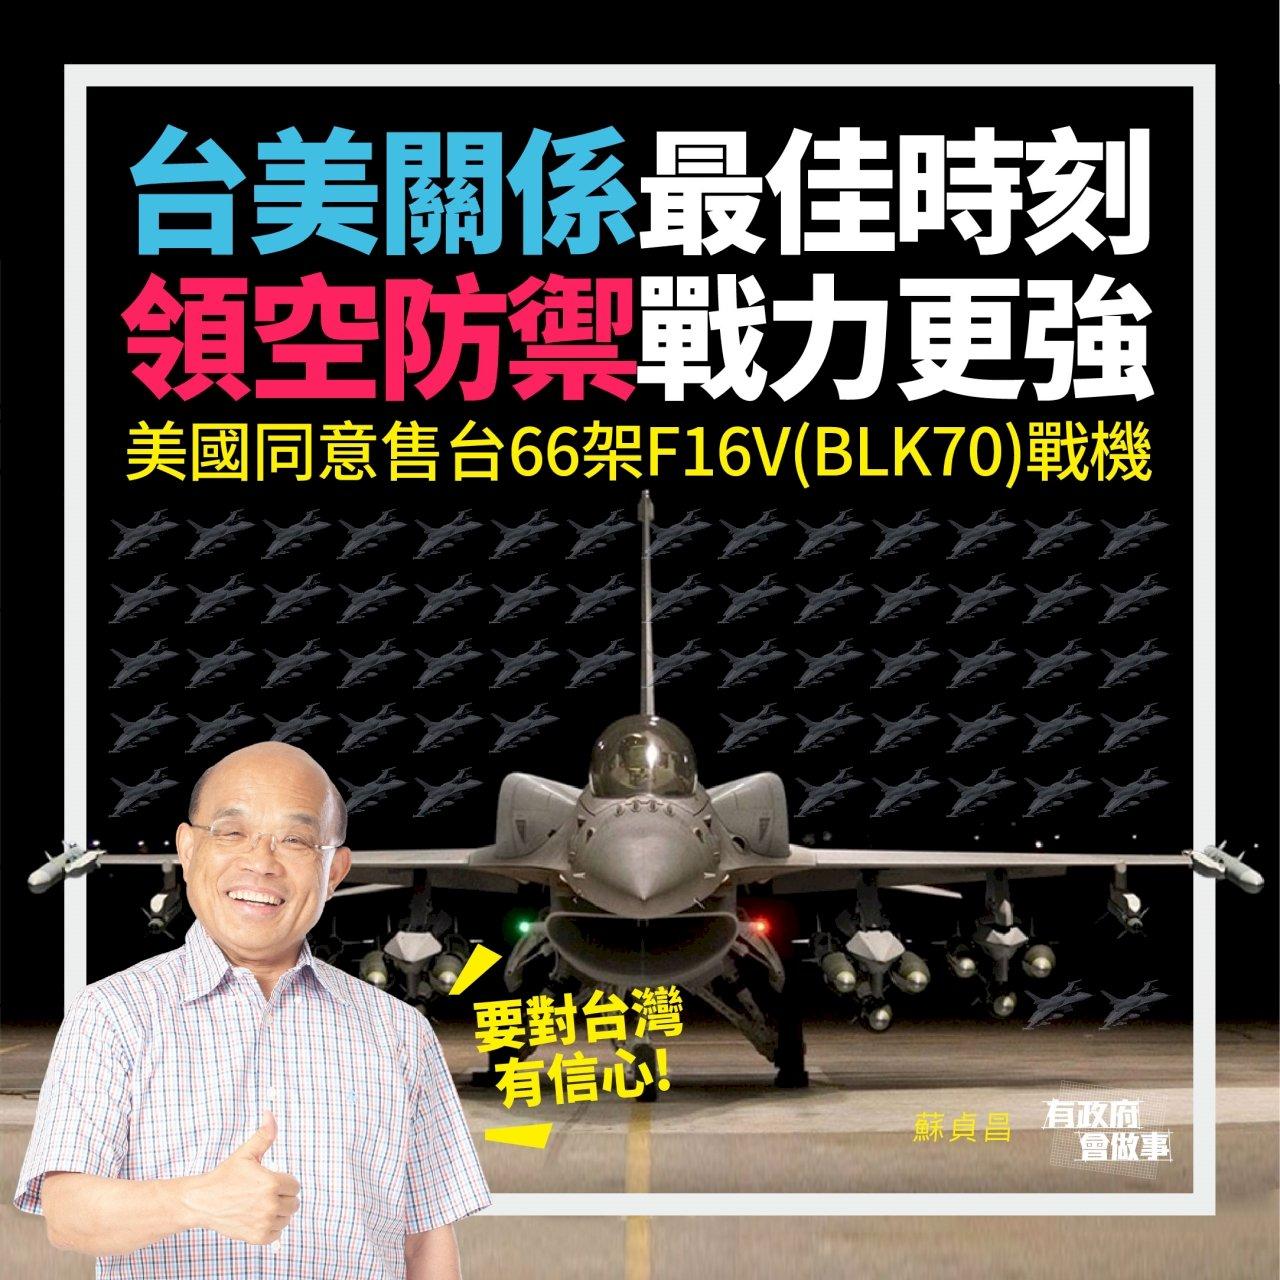 美售台F-16V 蘇貞昌:將速編特別預算